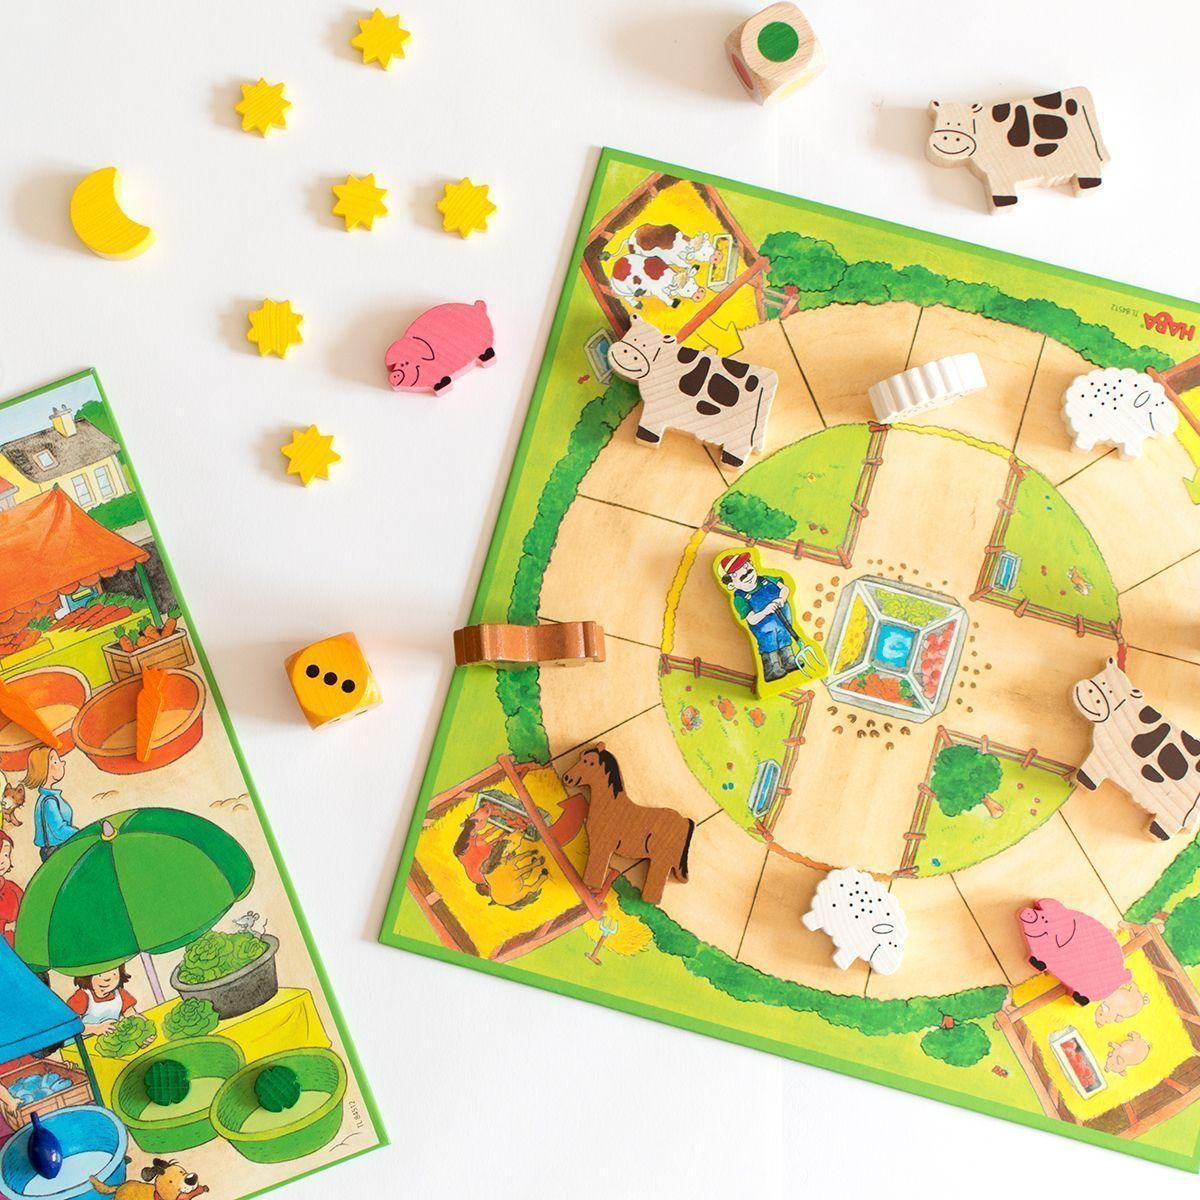 C mo manejar las emociones de la vuelta al cole con juegos for Cazafantasmas juego de mesa